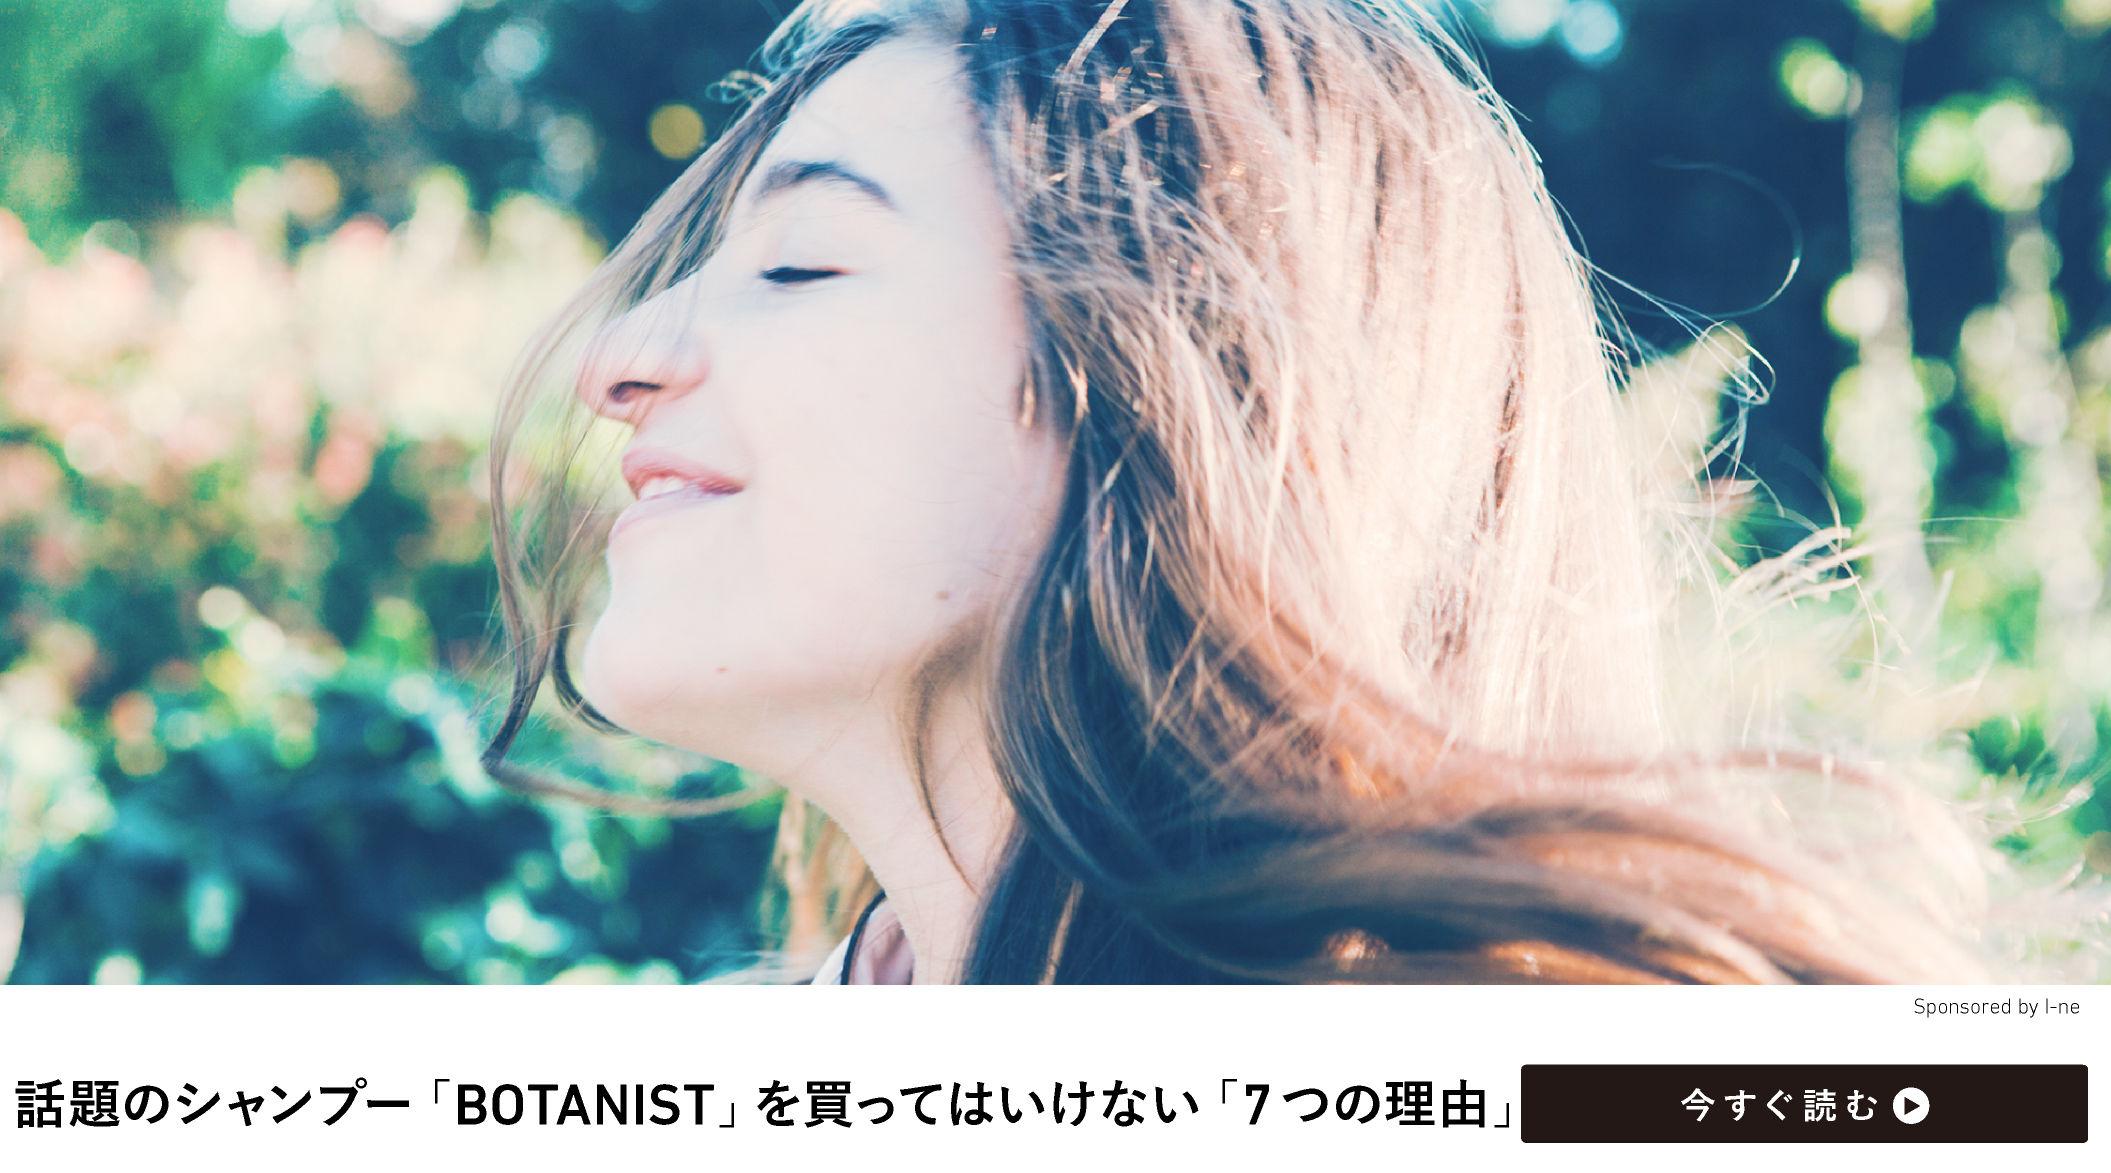 botanist06